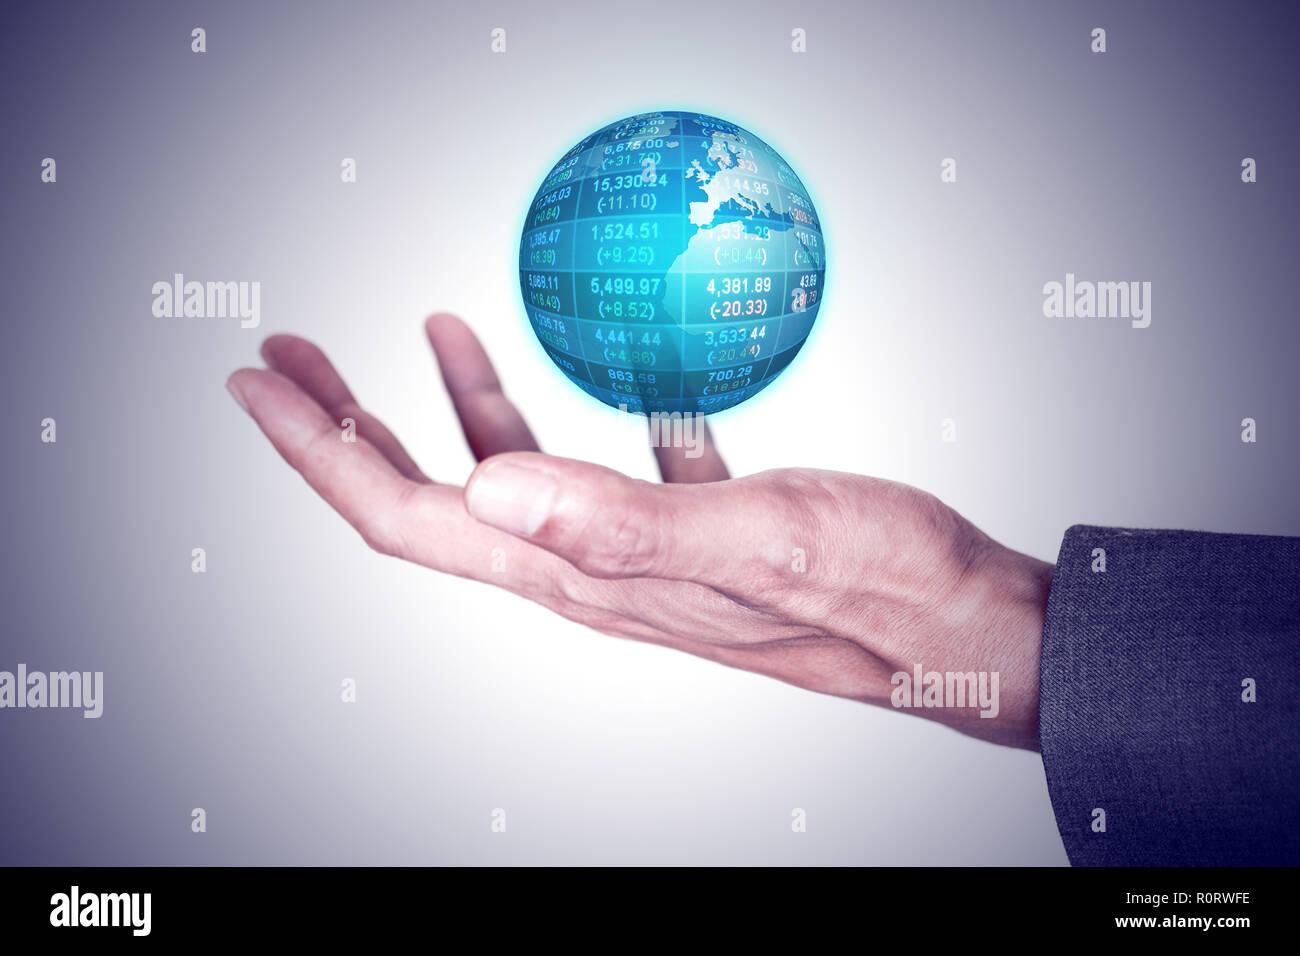 Geschäftsmann Holding global business Welt in seiner Hand. Global Business und Technologie Konzept. Stockbild